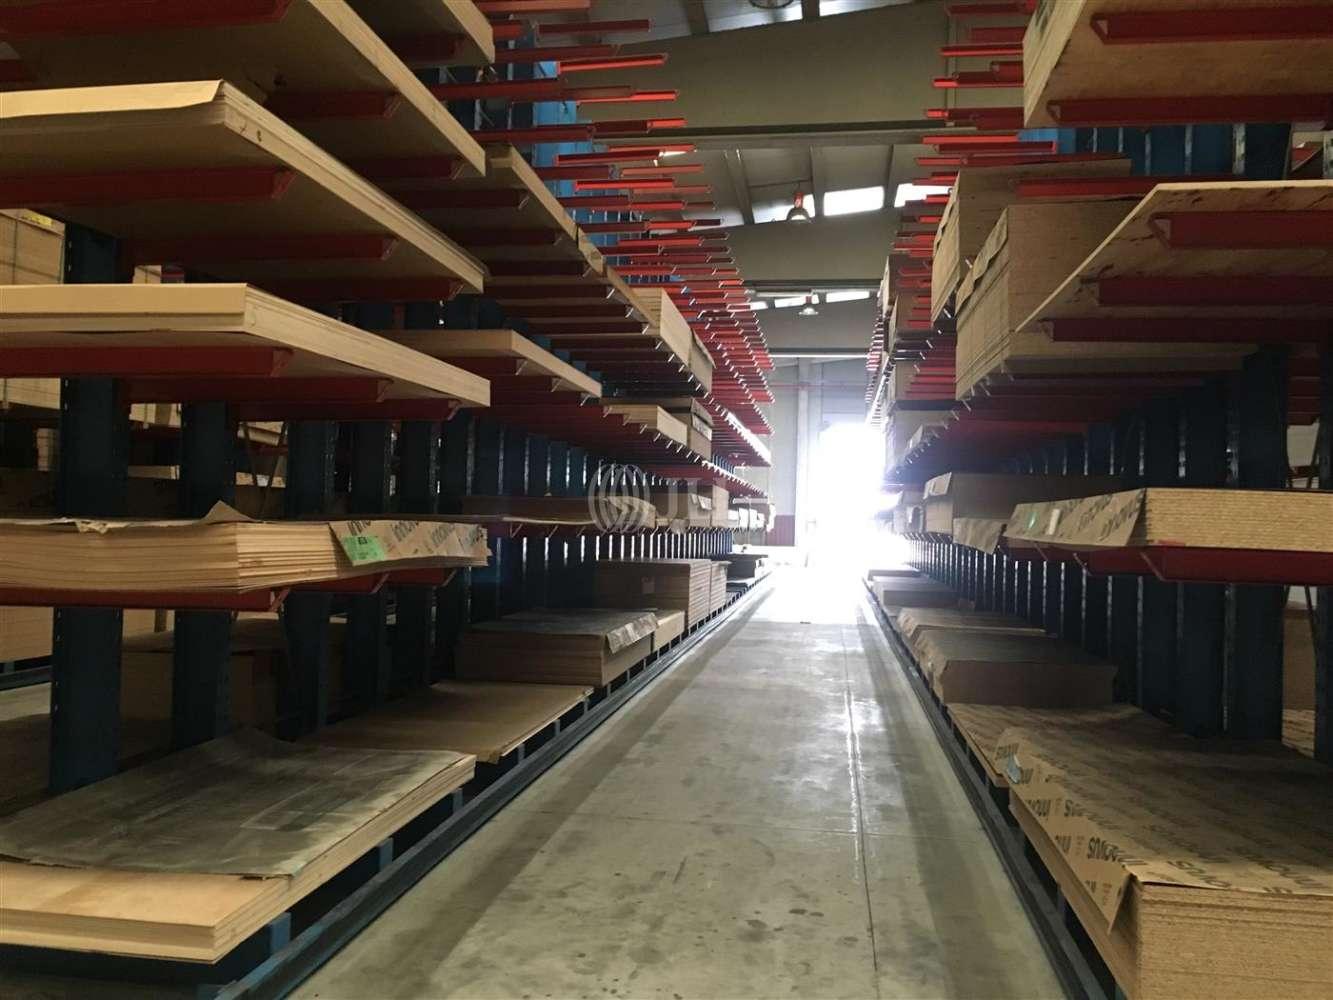 Naves industriales y logísticas Burgos, 09001 - Nave Industrial - B0489 NAVE INDUSTRIAL EN ALQUILER / VENTA - Pol. Ind. Villalonquéjar - BURGOS - 16911